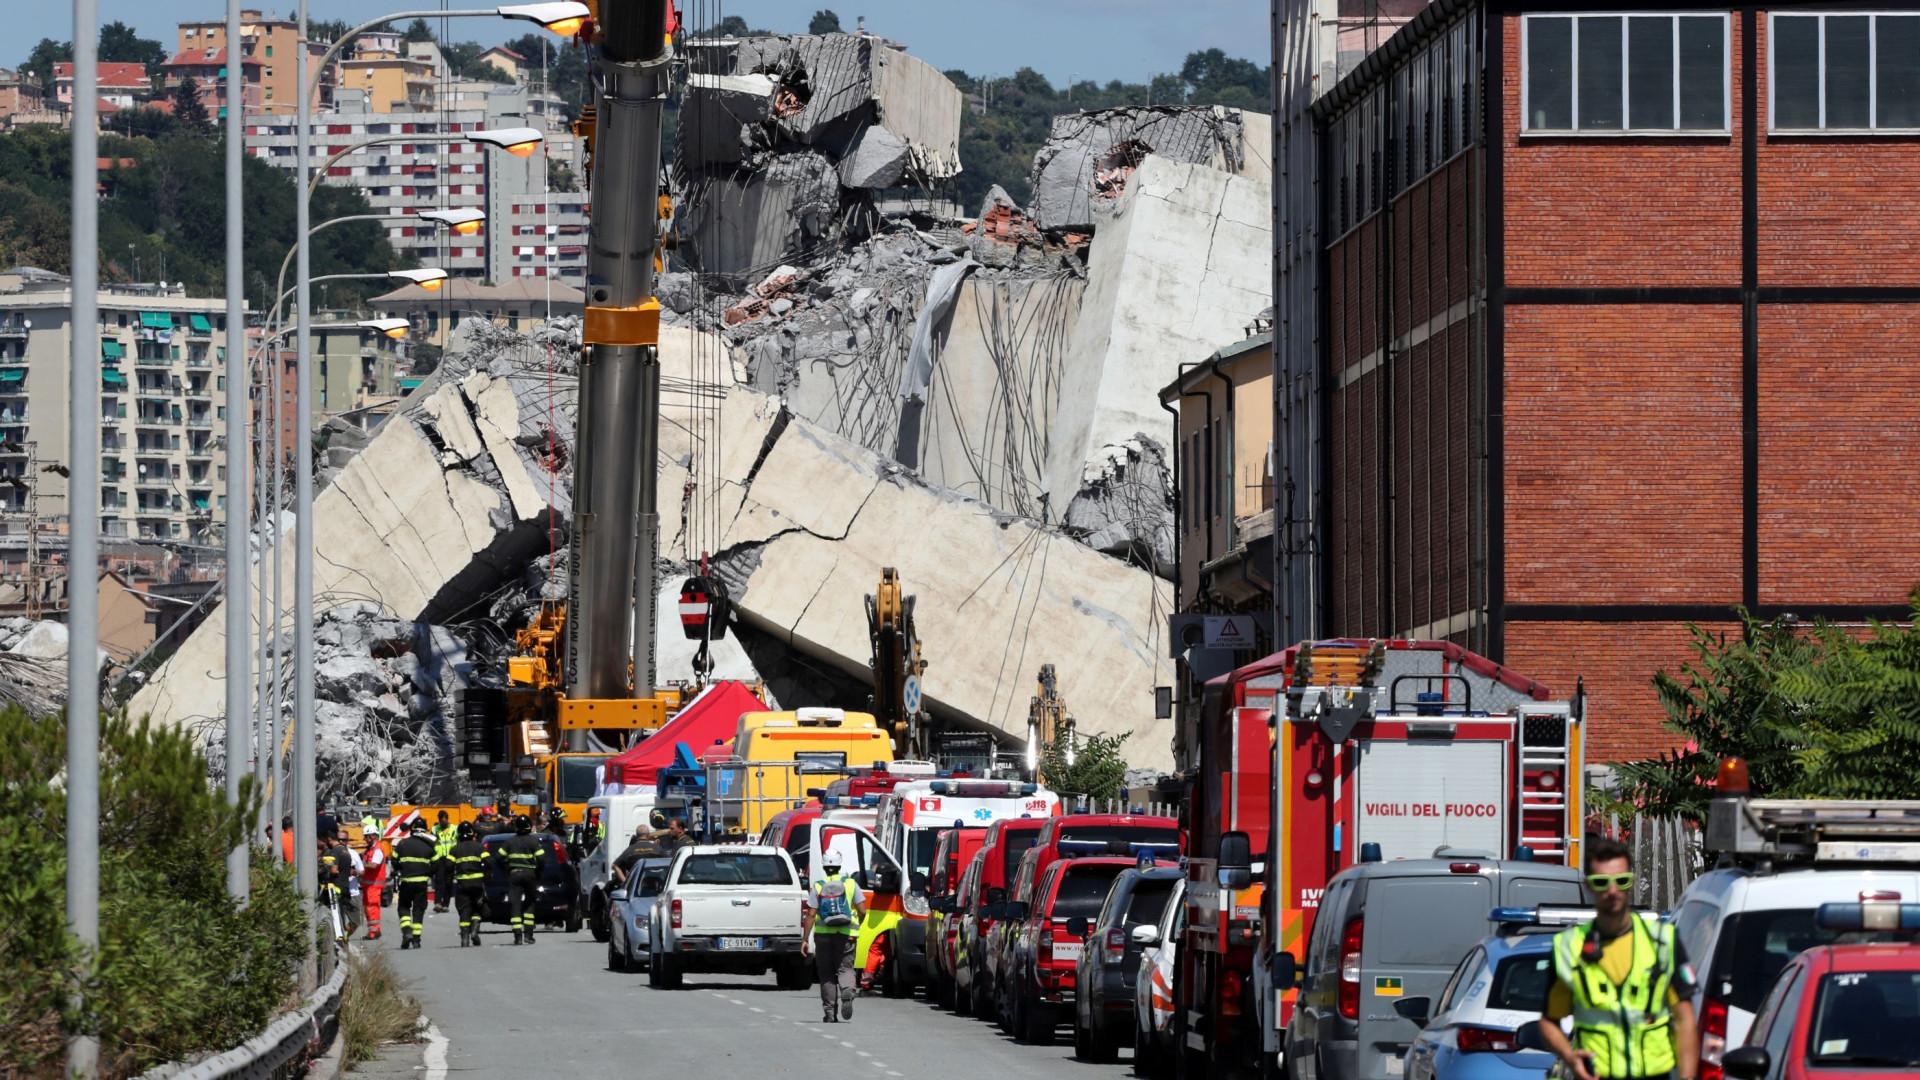 Número de mortos na queda de viaduto em Génova sobe para 41